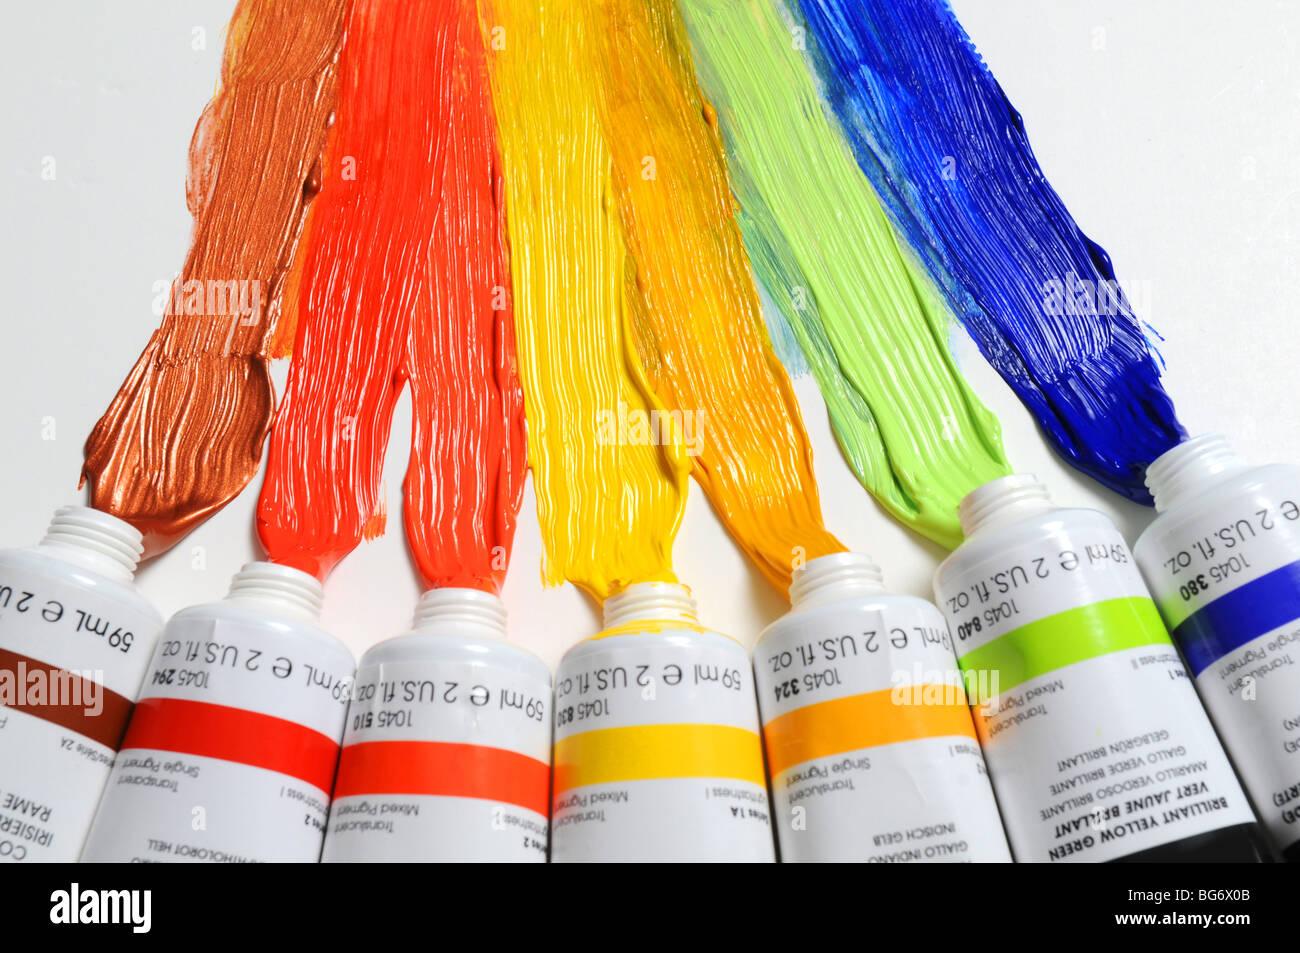 La vernice di diversi colori sparsi su uno sfondo bianco Immagini Stock